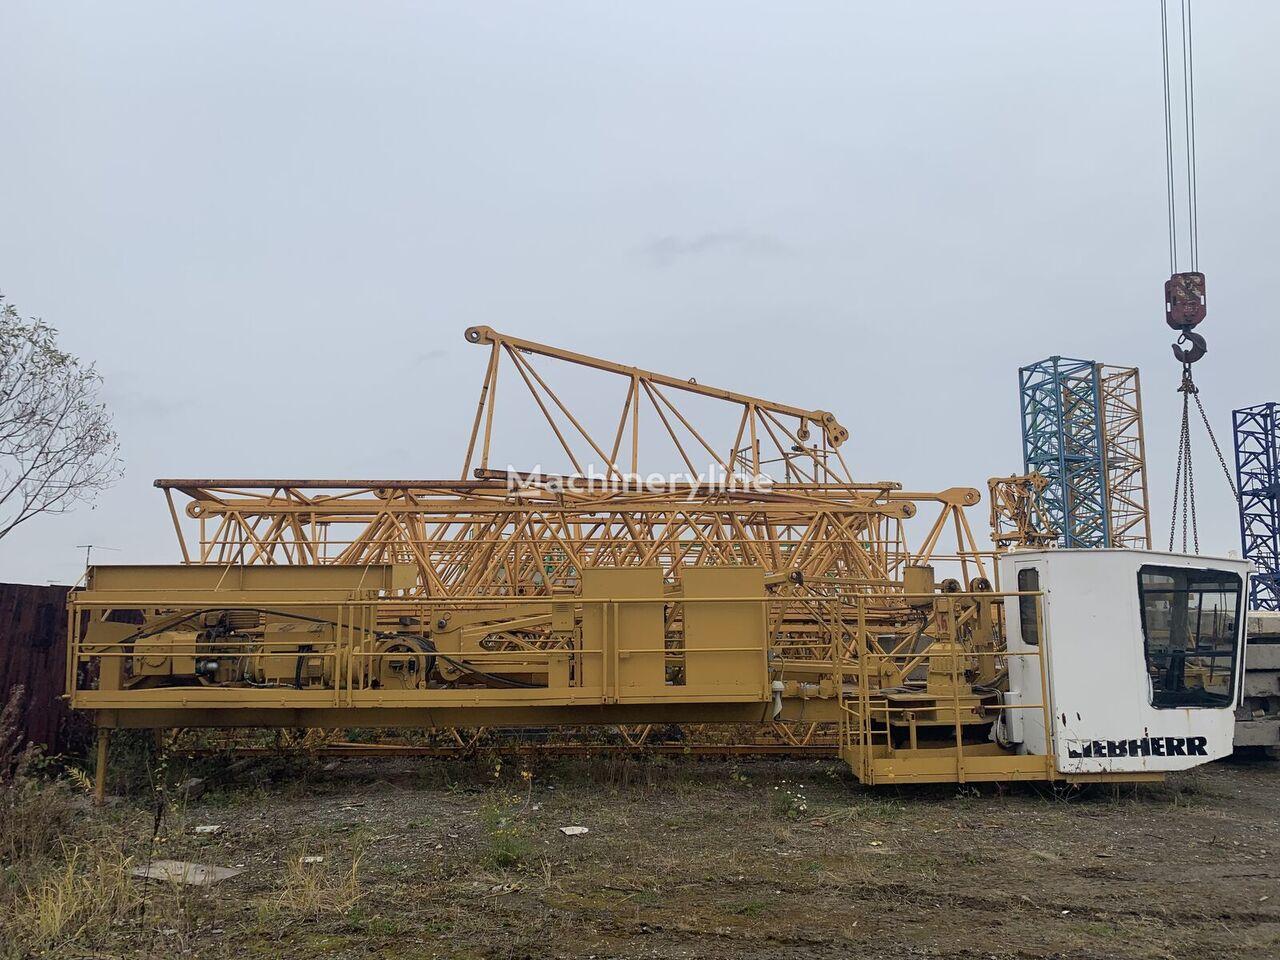 LIEBHERR 91 EC tower crane